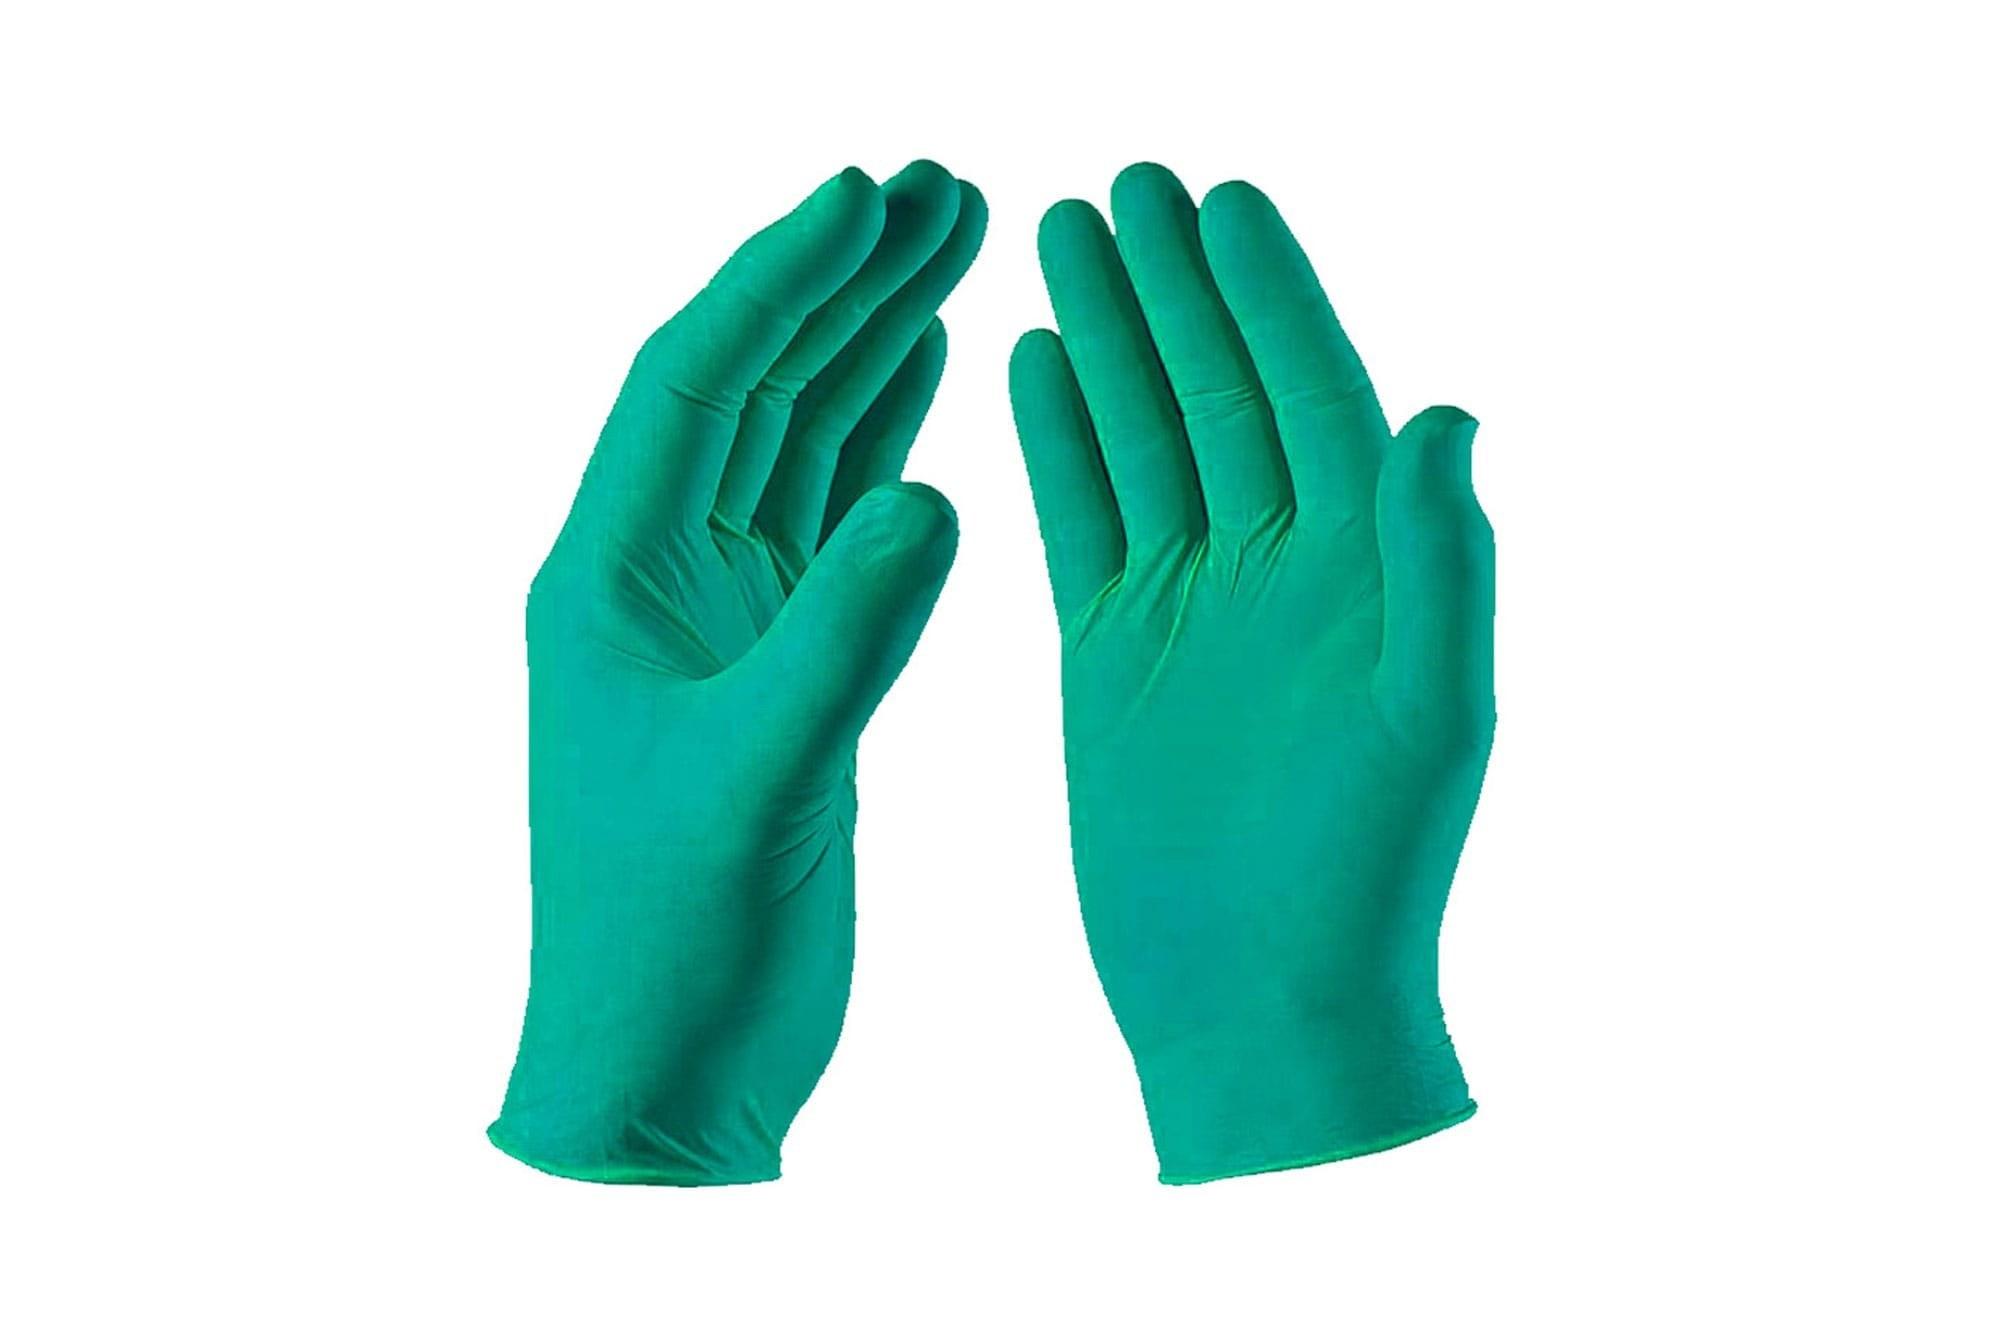 تصویر دستکش نیتریل NITEX سبز رنگ بسته ۱۰ تایی